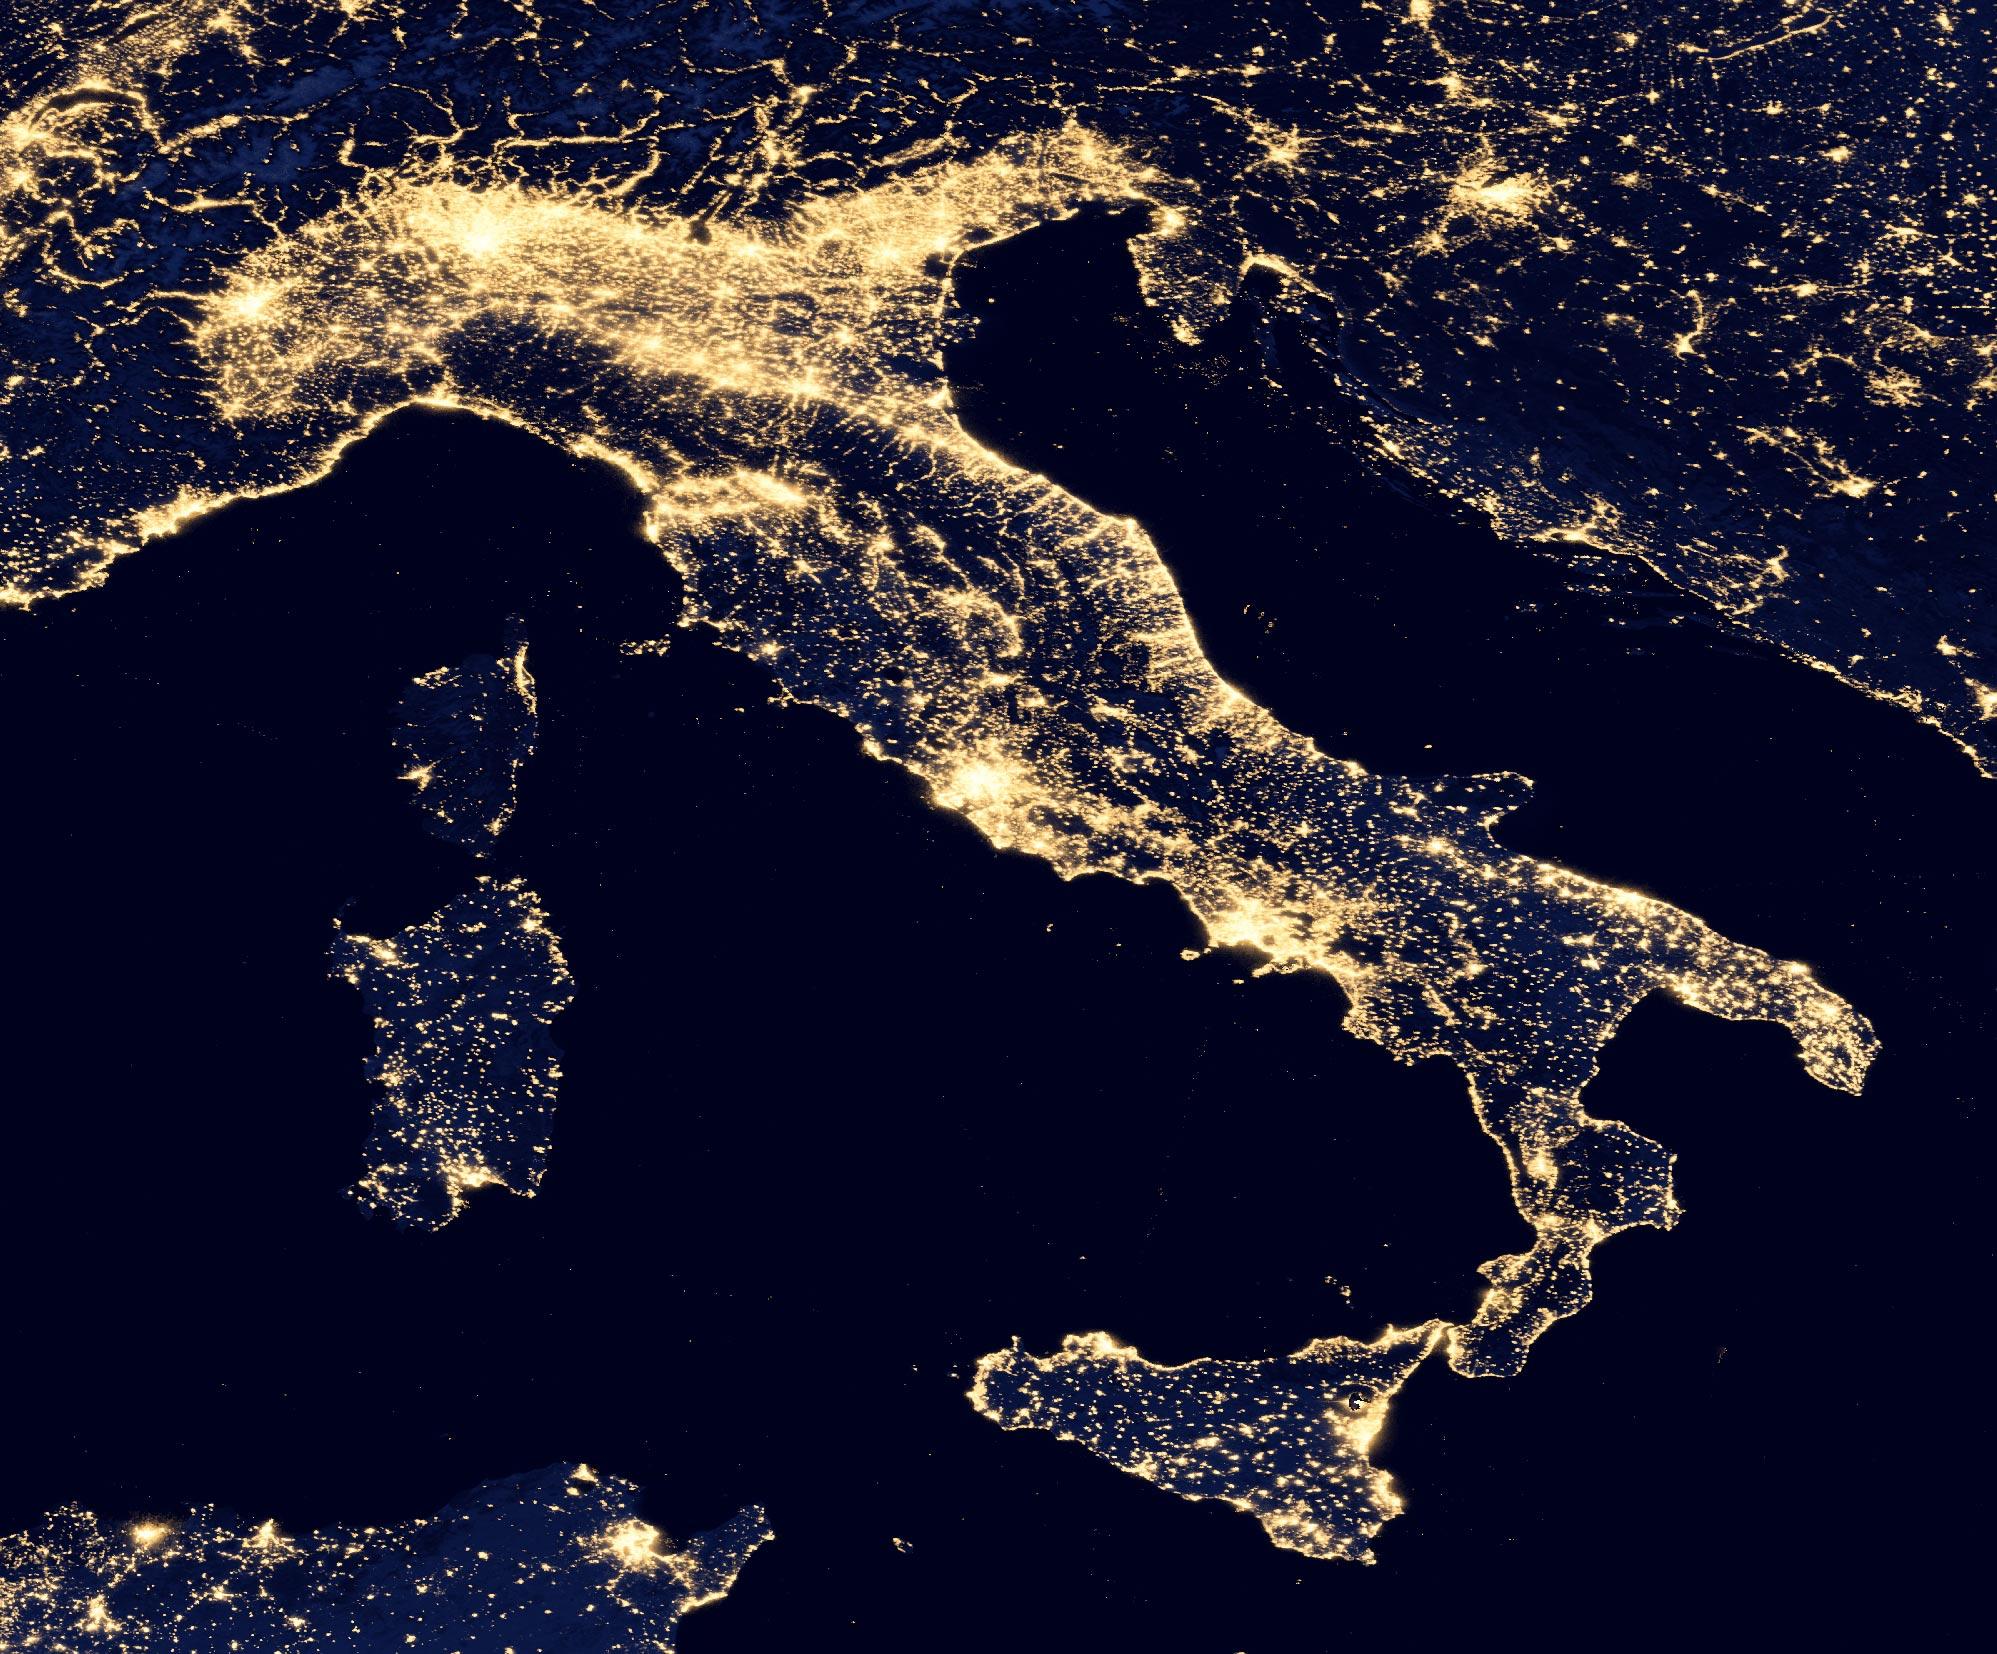 La terra fotografata dallo spazio 6